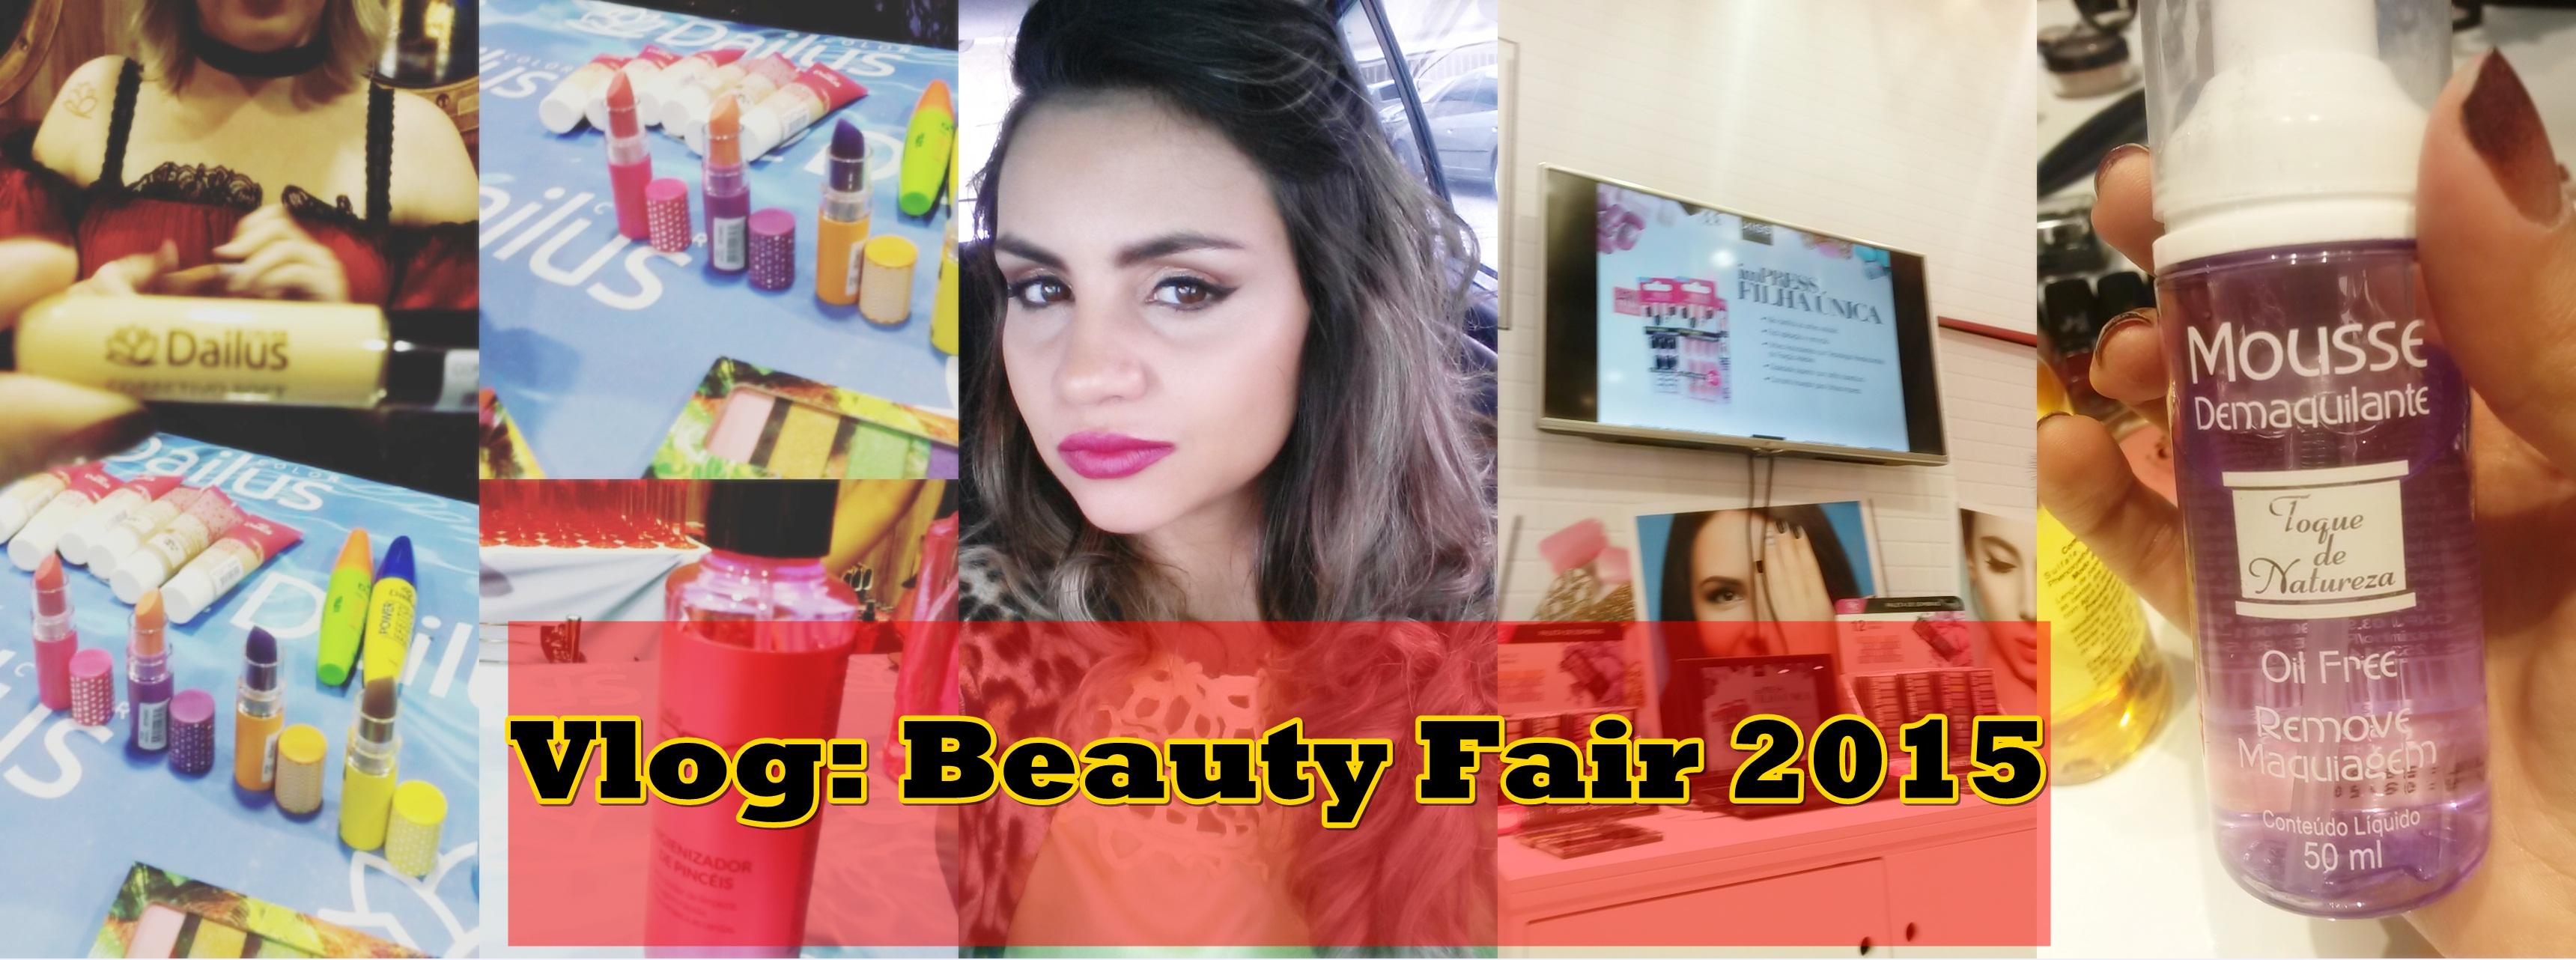 capa-vlog-beaty-fair Vlog: Minha ida a Feira Beauty Fair 2015!